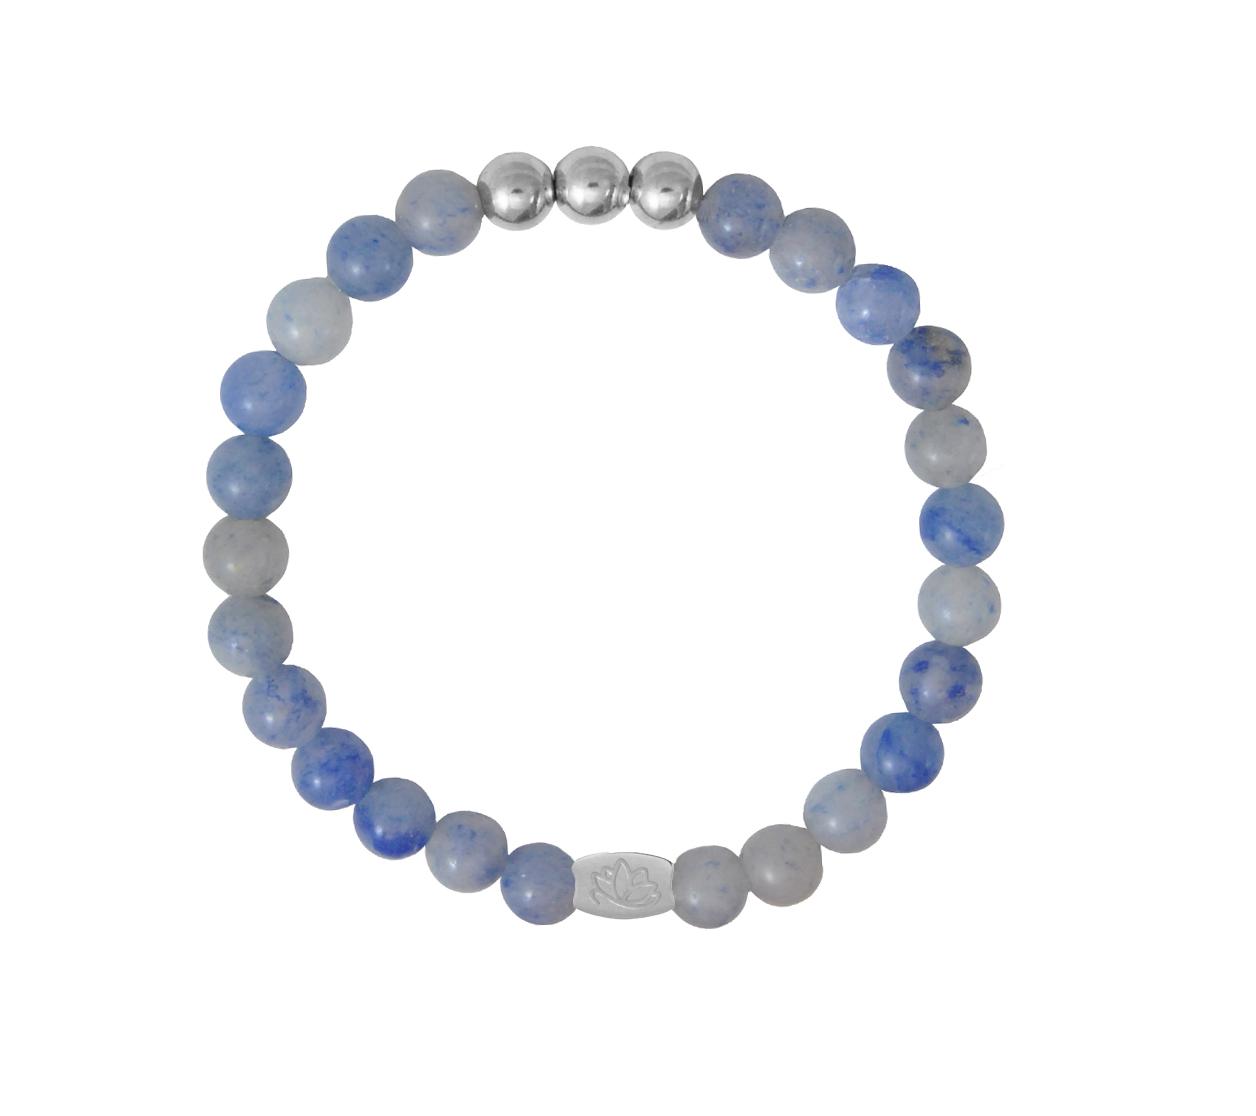 Armbaender für Frauen - MAS jewelz Armband Blauquartz Silber 6mm  - Onlineshop Tante Emmer